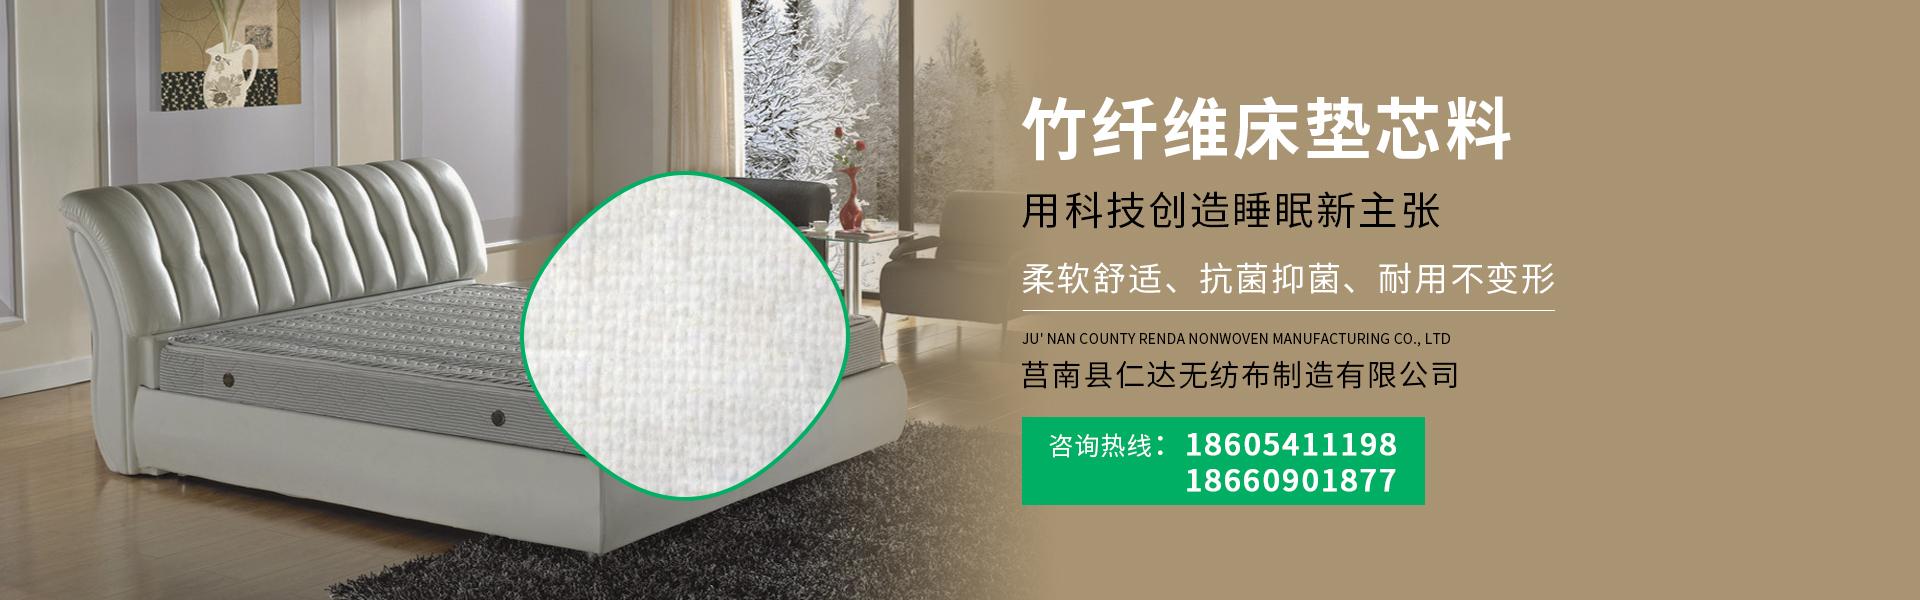 竹纤维床垫芯料,碳纤维床垫芯料,竹炭纤维床垫芯料,无胶棉